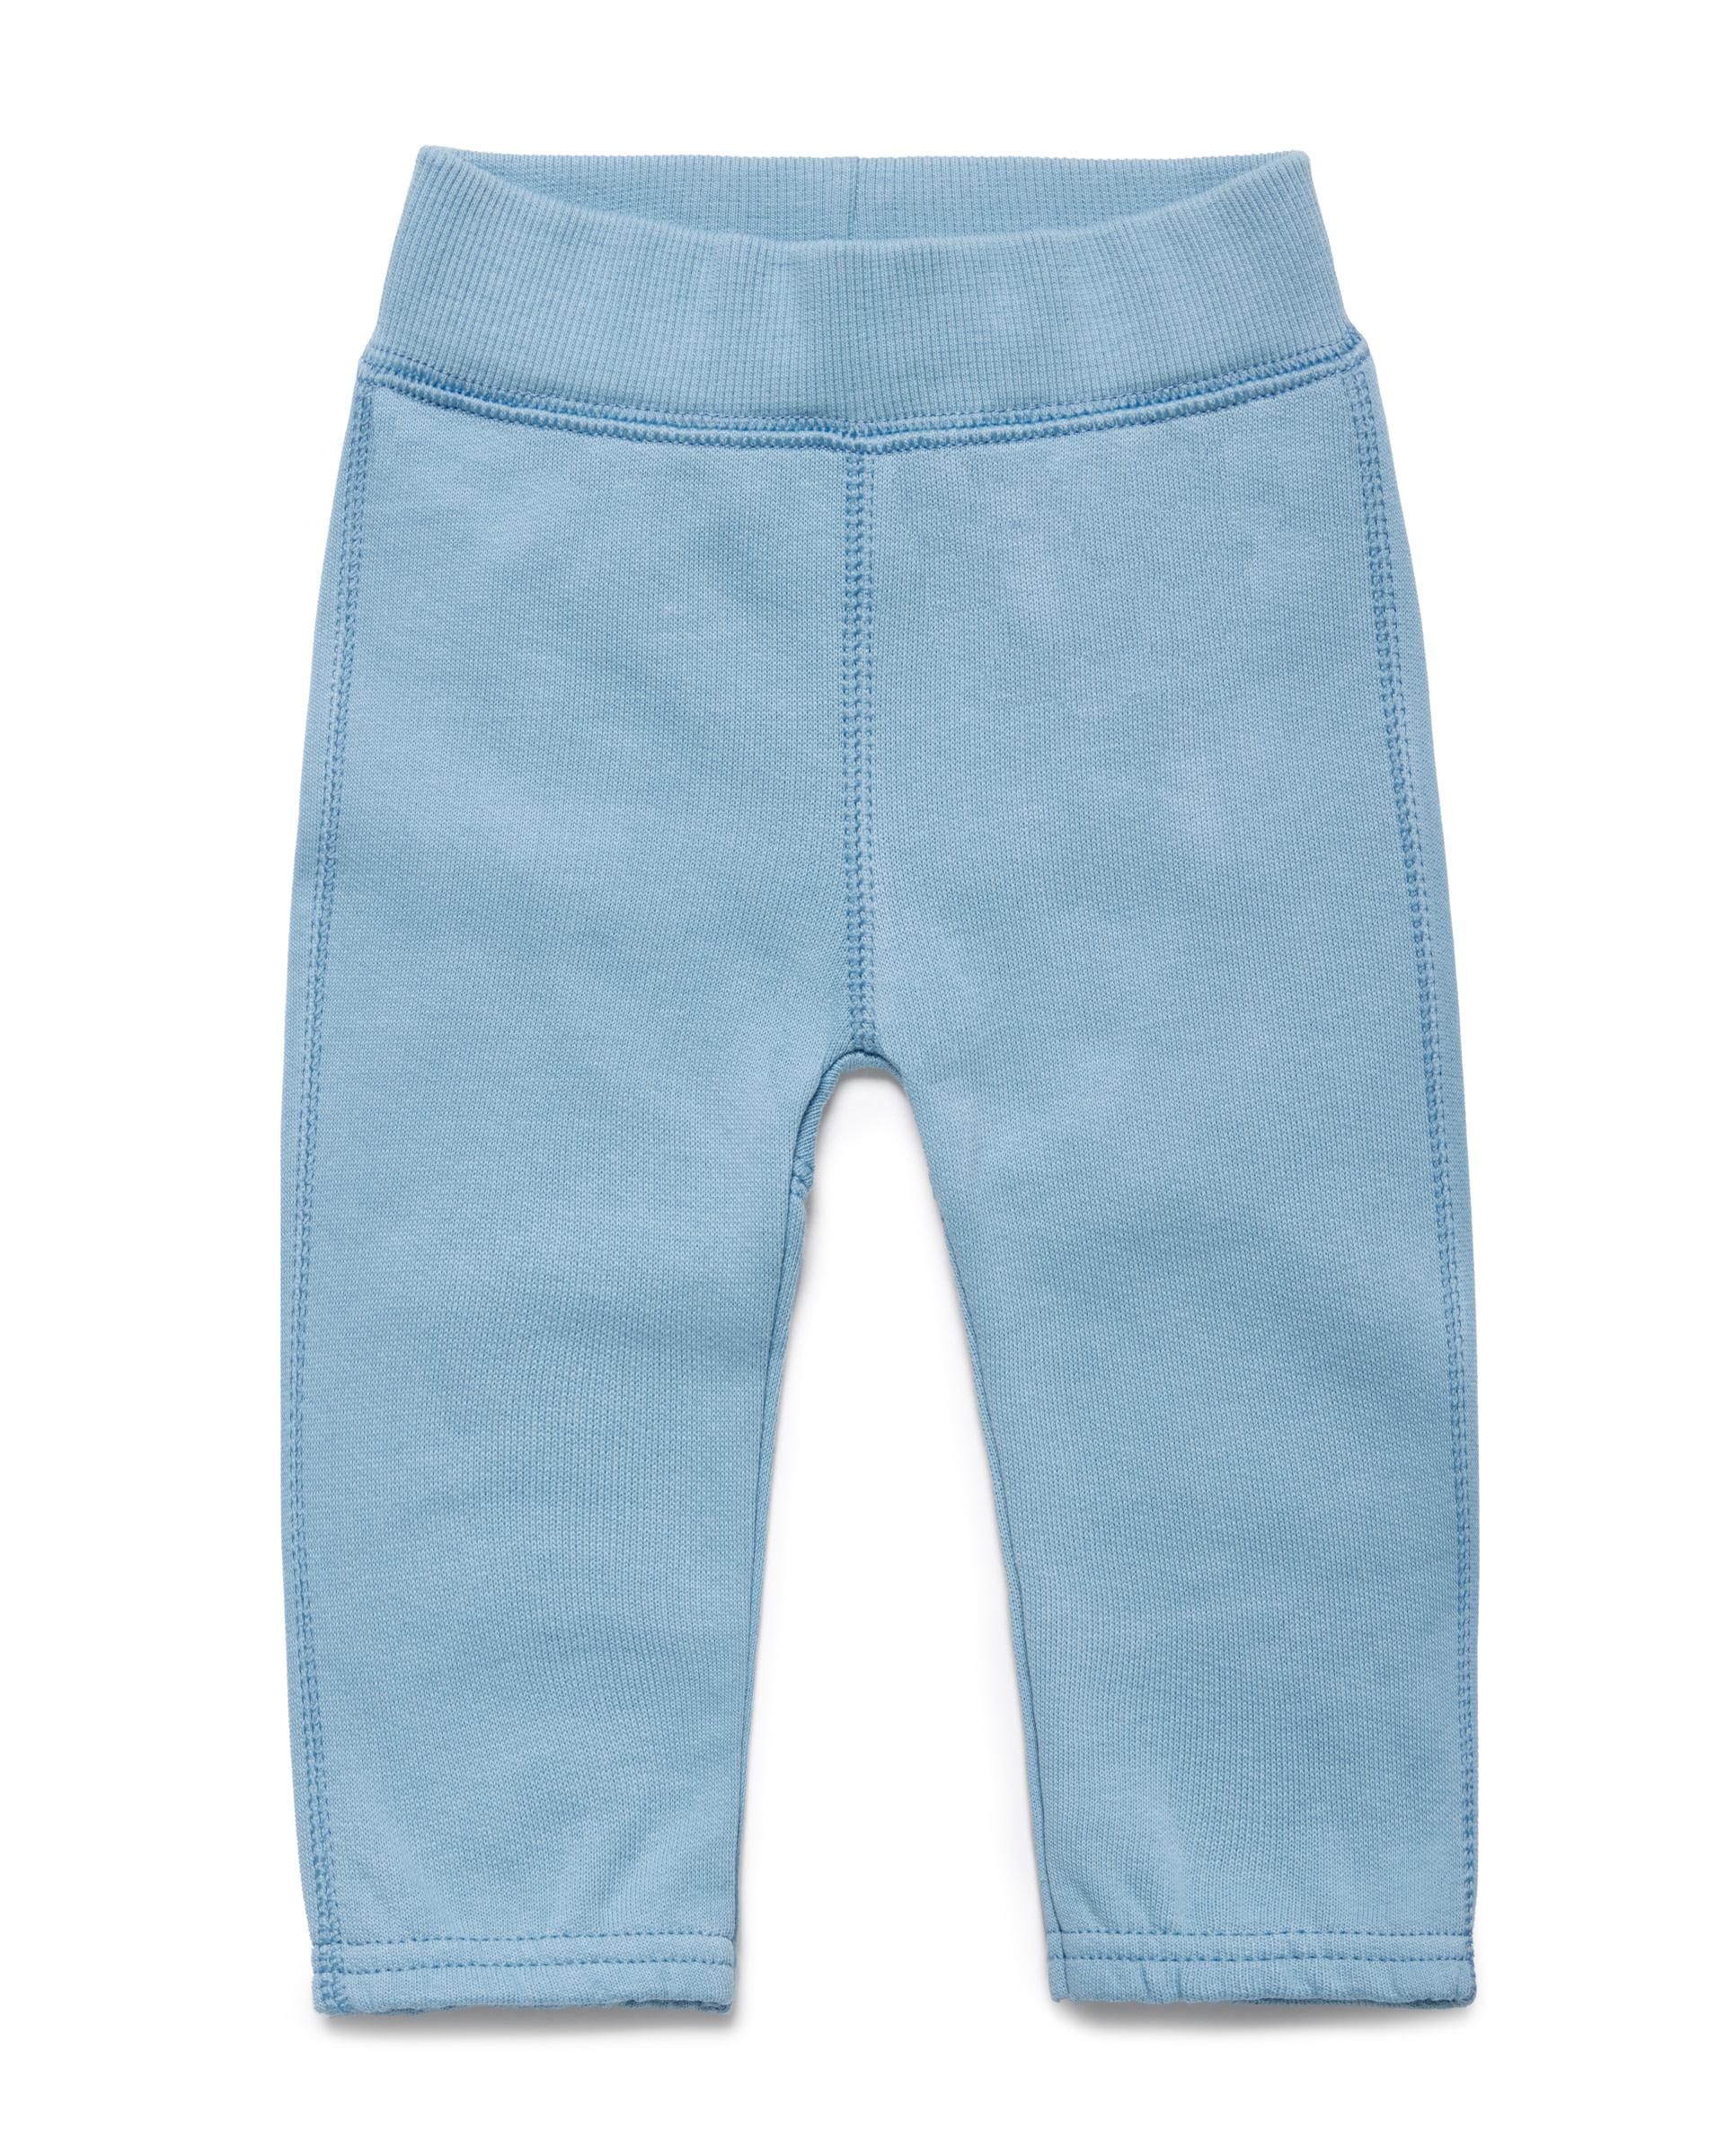 Купить 20P_3J70MF238_29J, Спортивные брюки для девочек Benetton 3J70MF238_29J р-р 74, United Colors of Benetton, Шорты и брюки для новорожденных